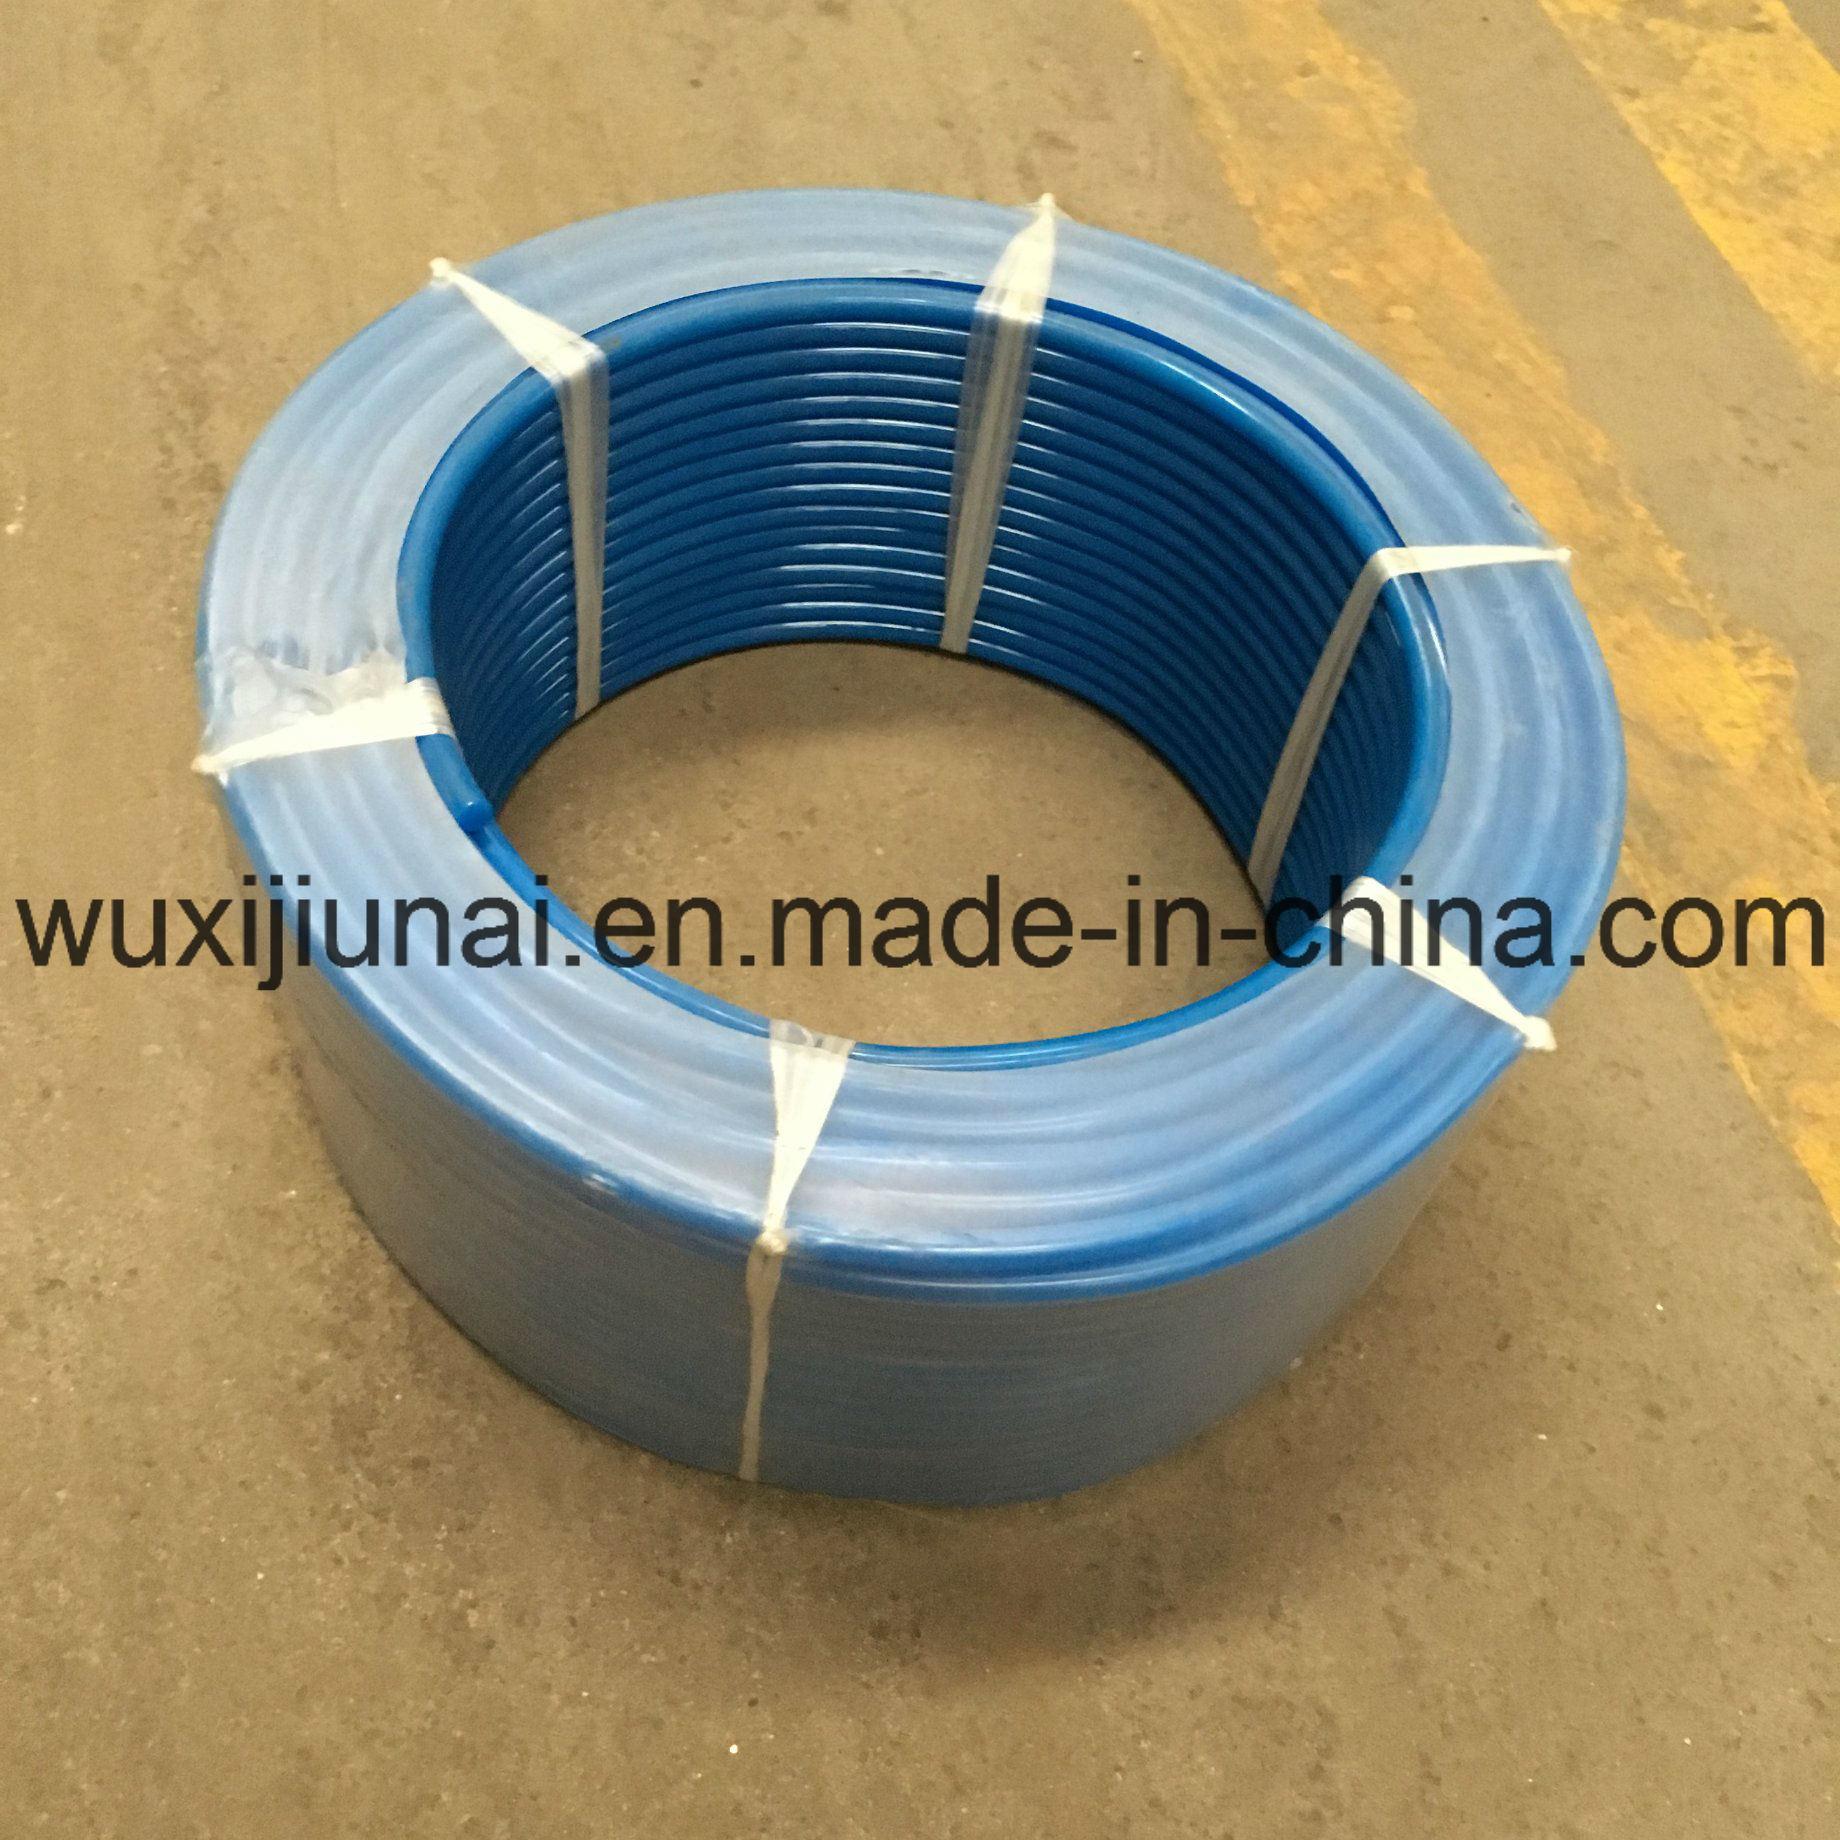 Pu round Belt Drive Belt Belt Drive Belt 6mm Strength